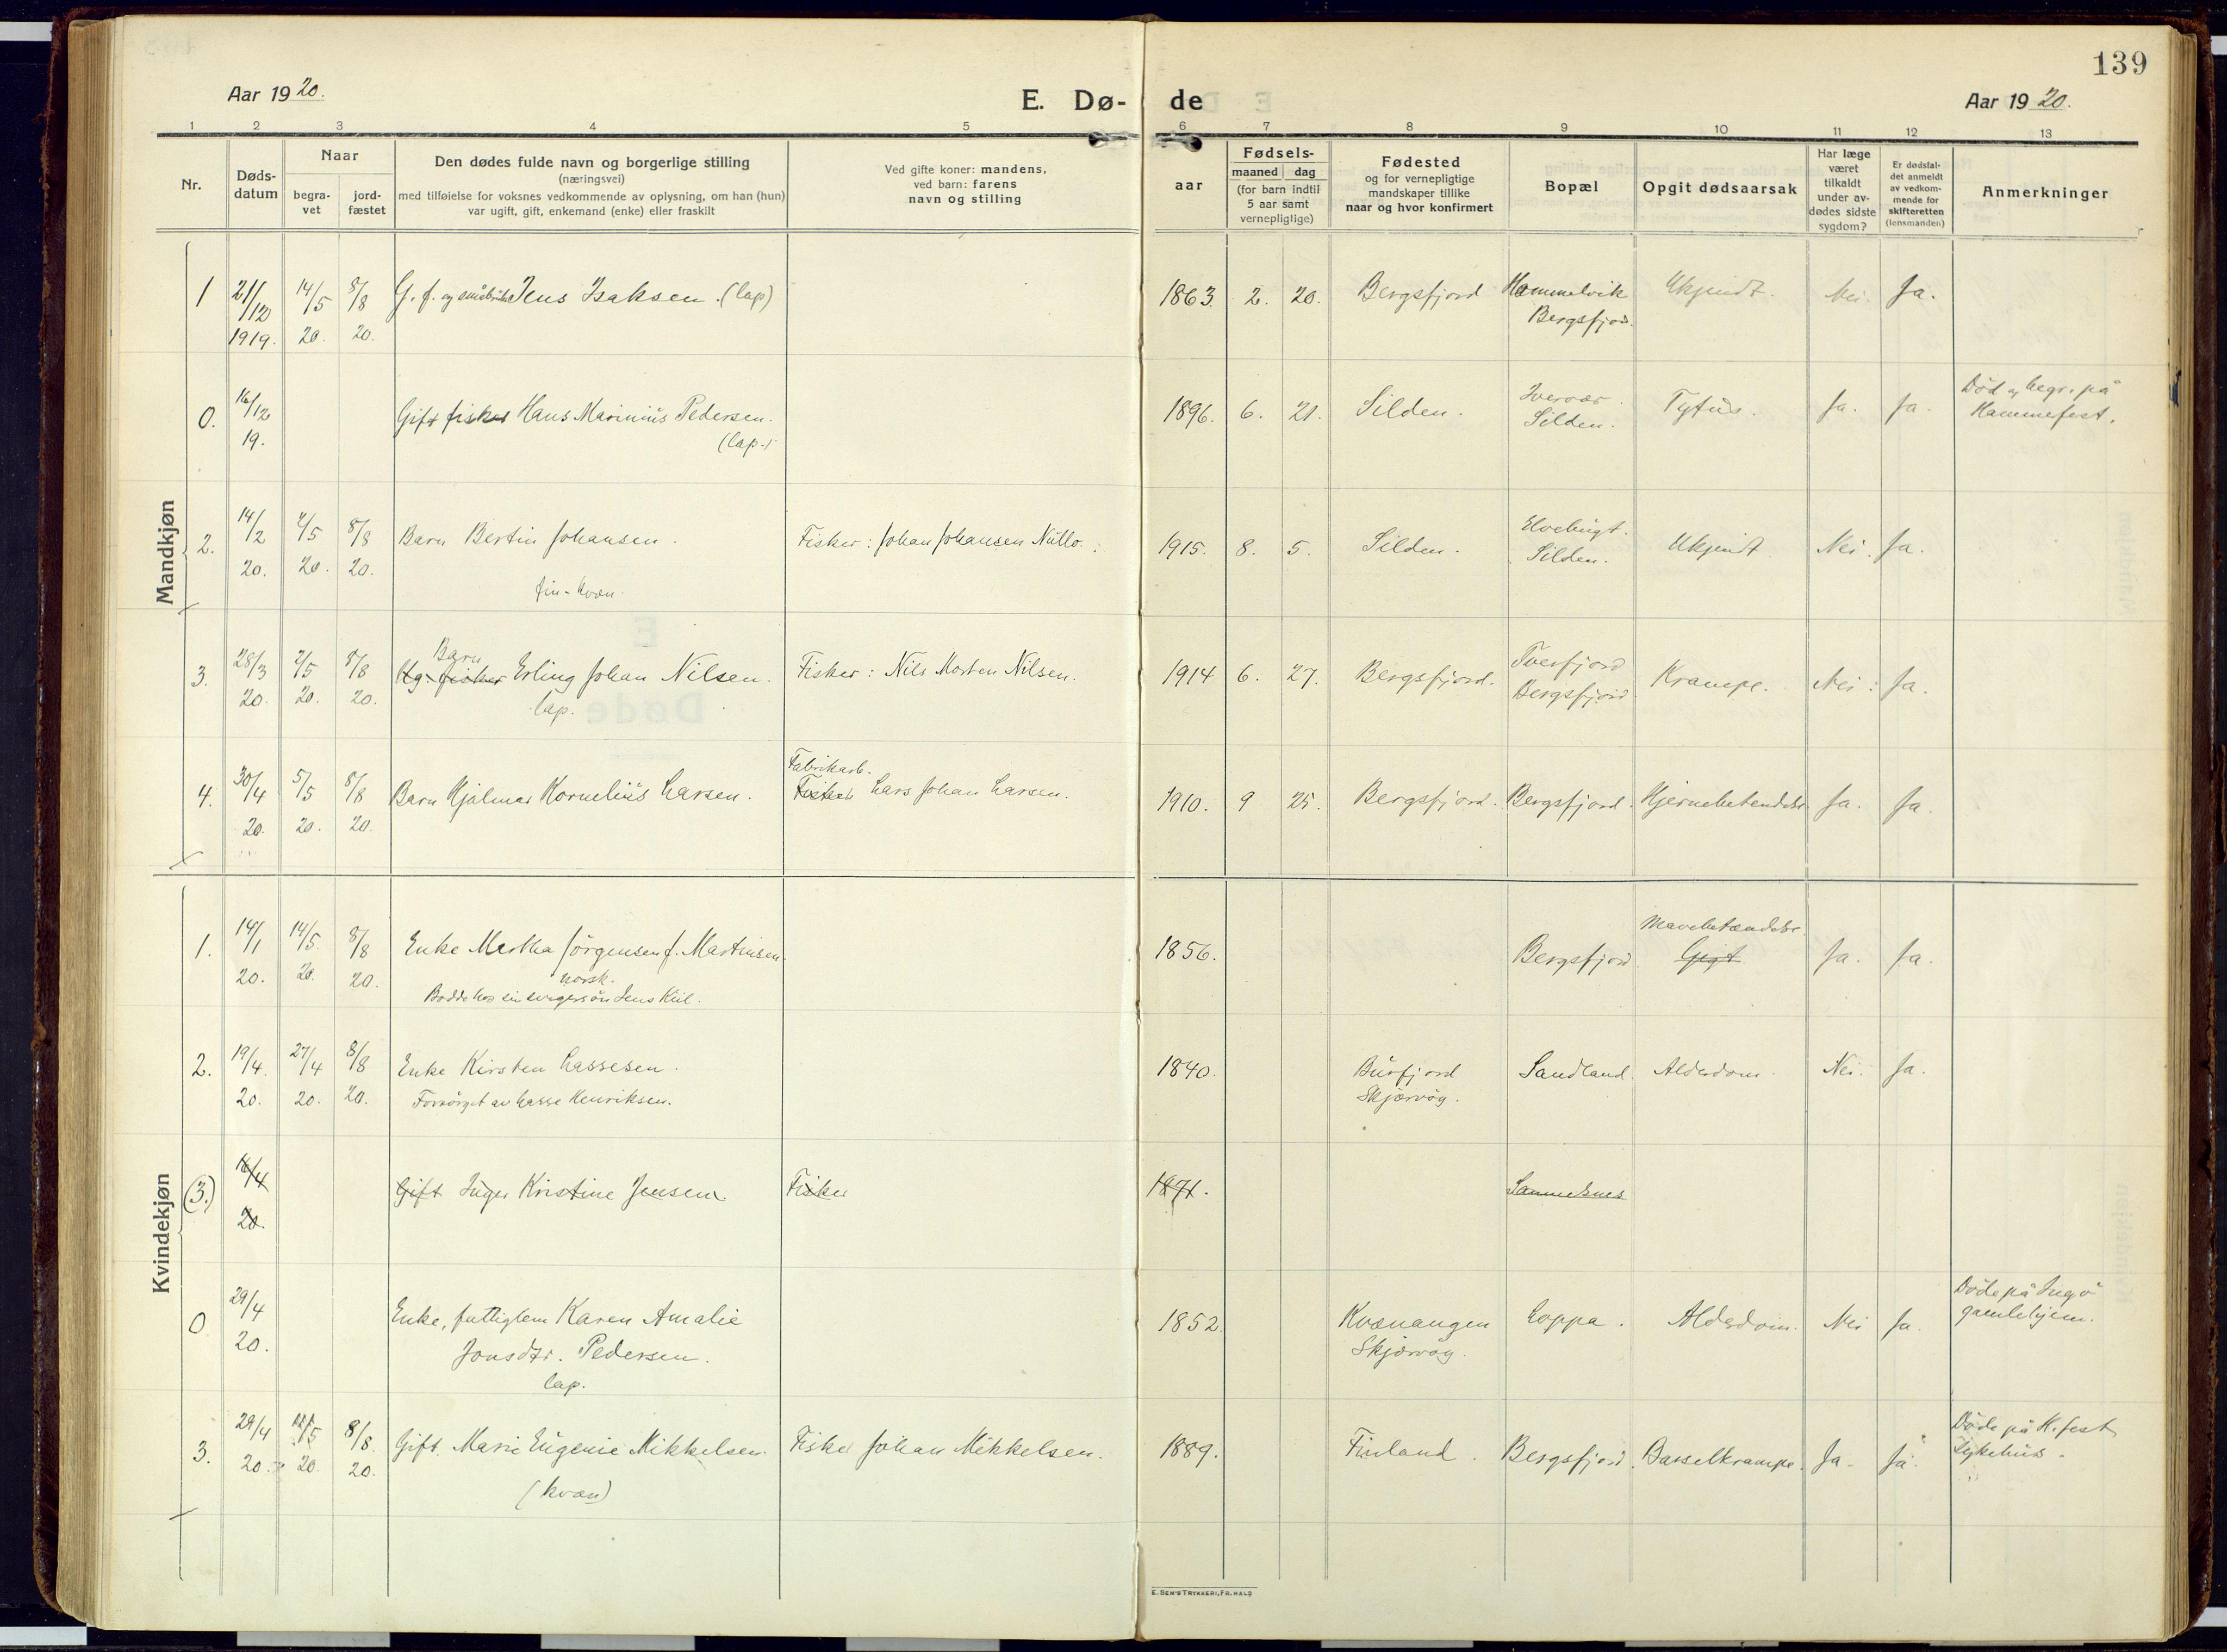 SATØ, Loppa sokneprestkontor, H/Ha/L0013kirke: Ministerialbok nr. 13, 1920-1932, s. 139